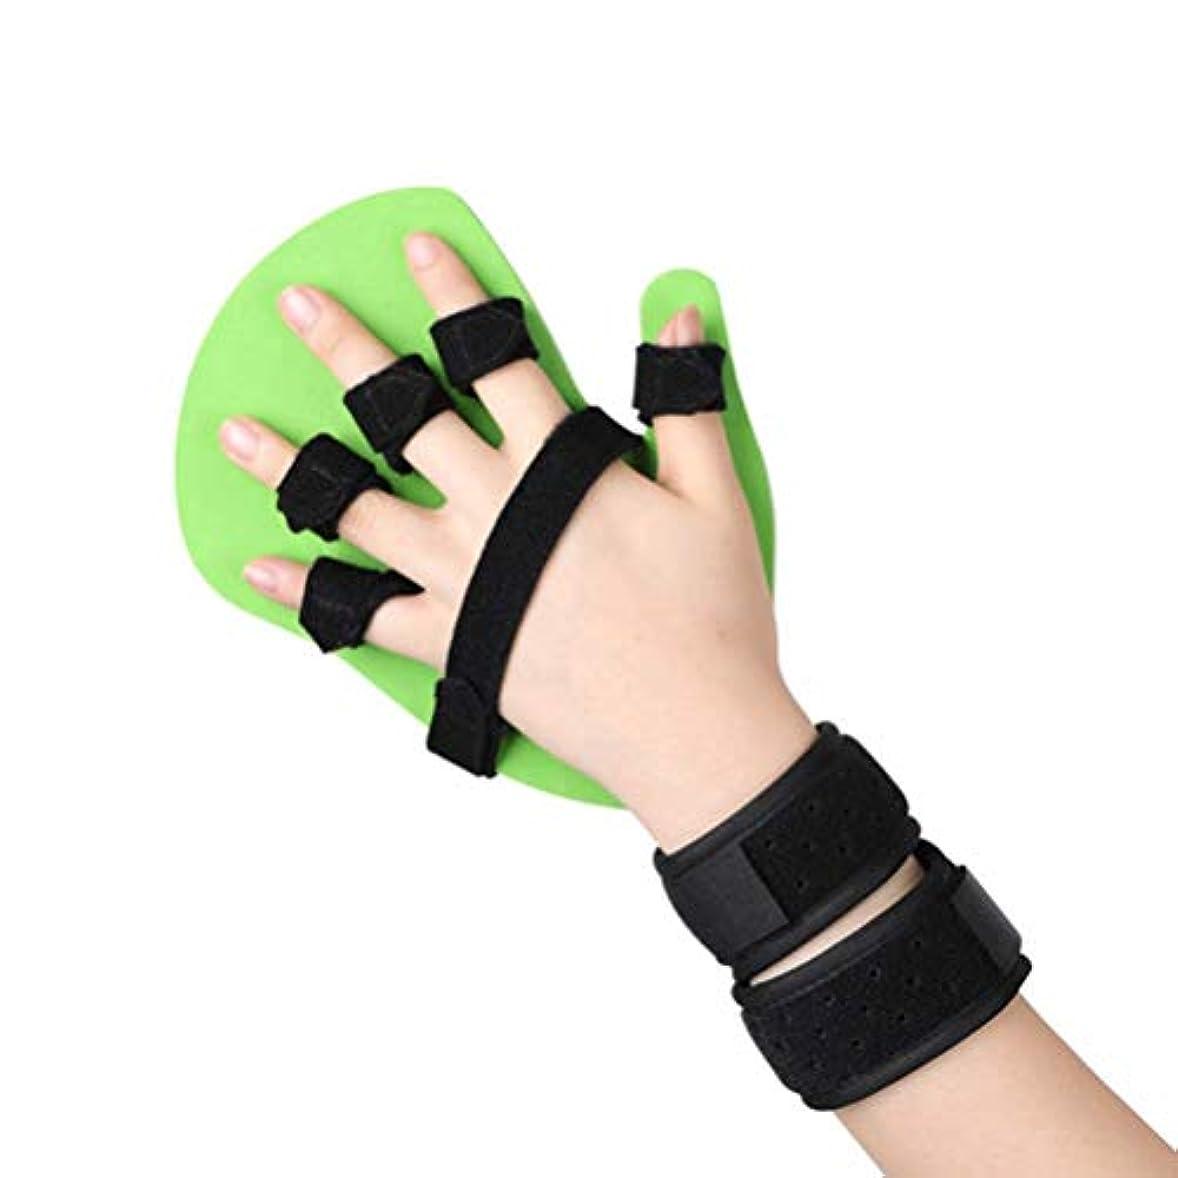 シチリアテストあからさまセパレータインソールフィンガートレーニングデバイスフィンガースプリント指、手の手首のトレーニング装具デバイスブレースサポート攣縮拡張ボードスプリント脳卒中片麻痺、左右の手指 (Color : Left, Size : L)